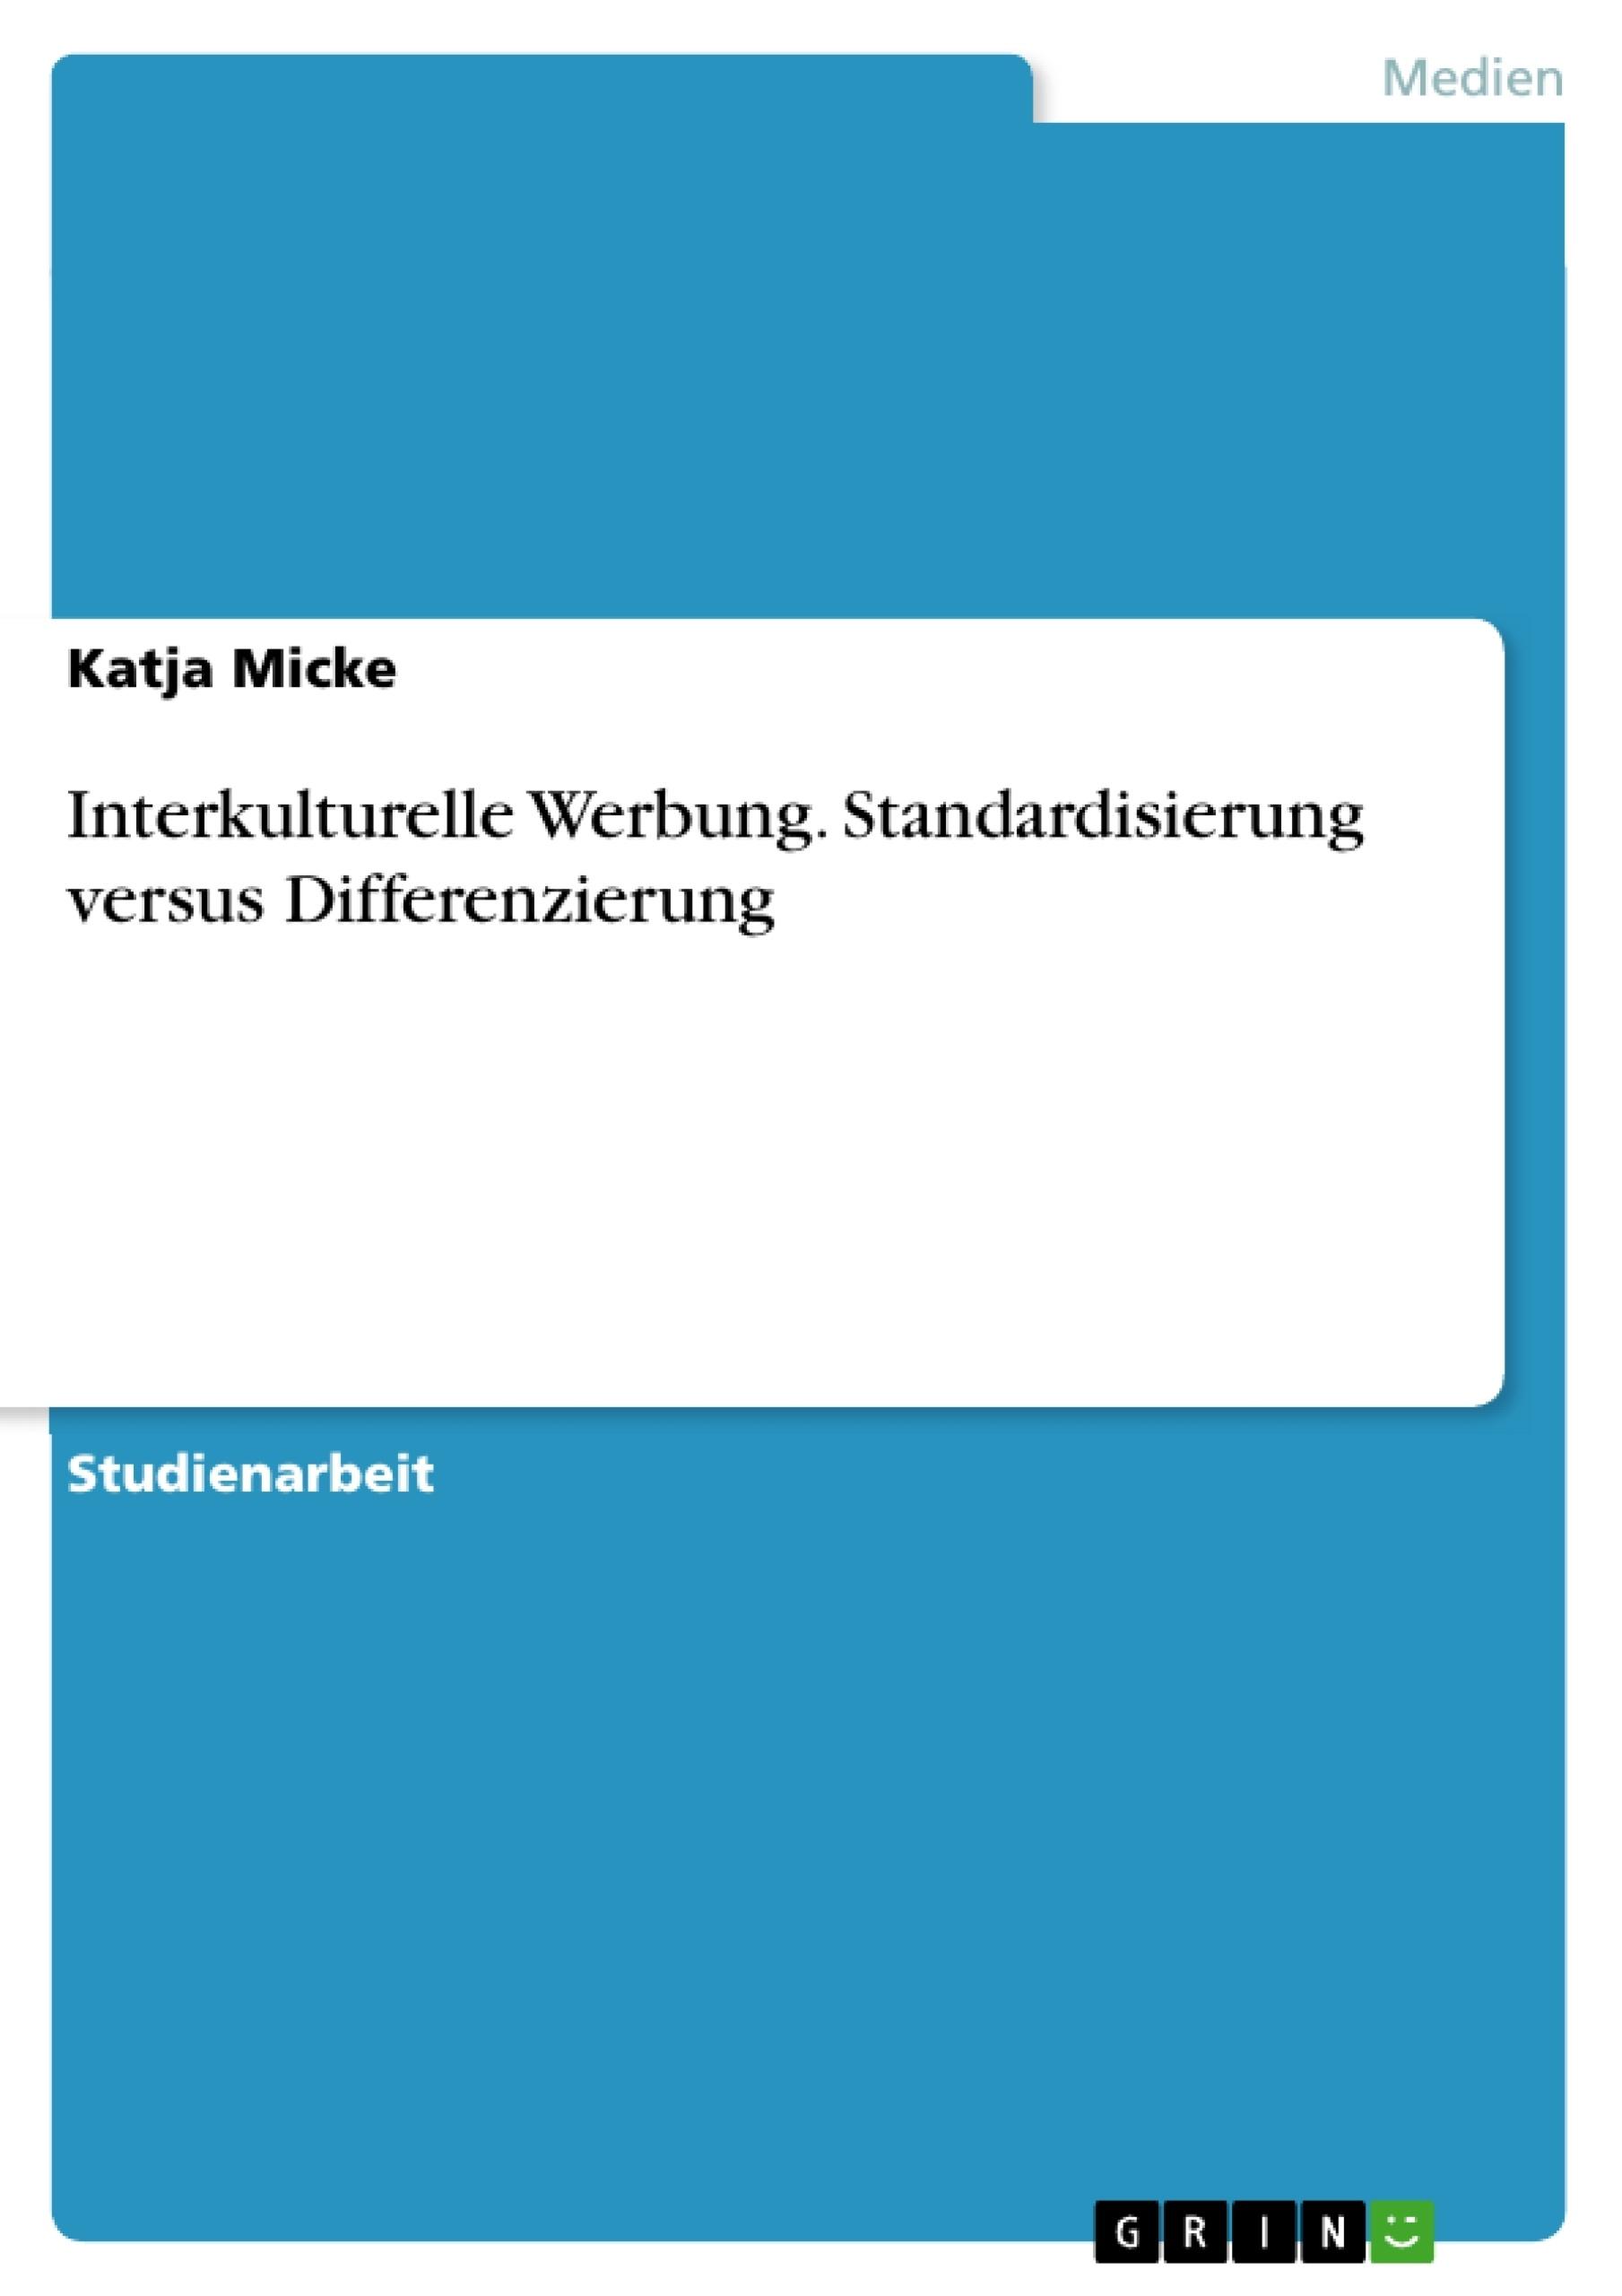 Titel: Interkulturelle Werbung. Standardisierung versus Differenzierung